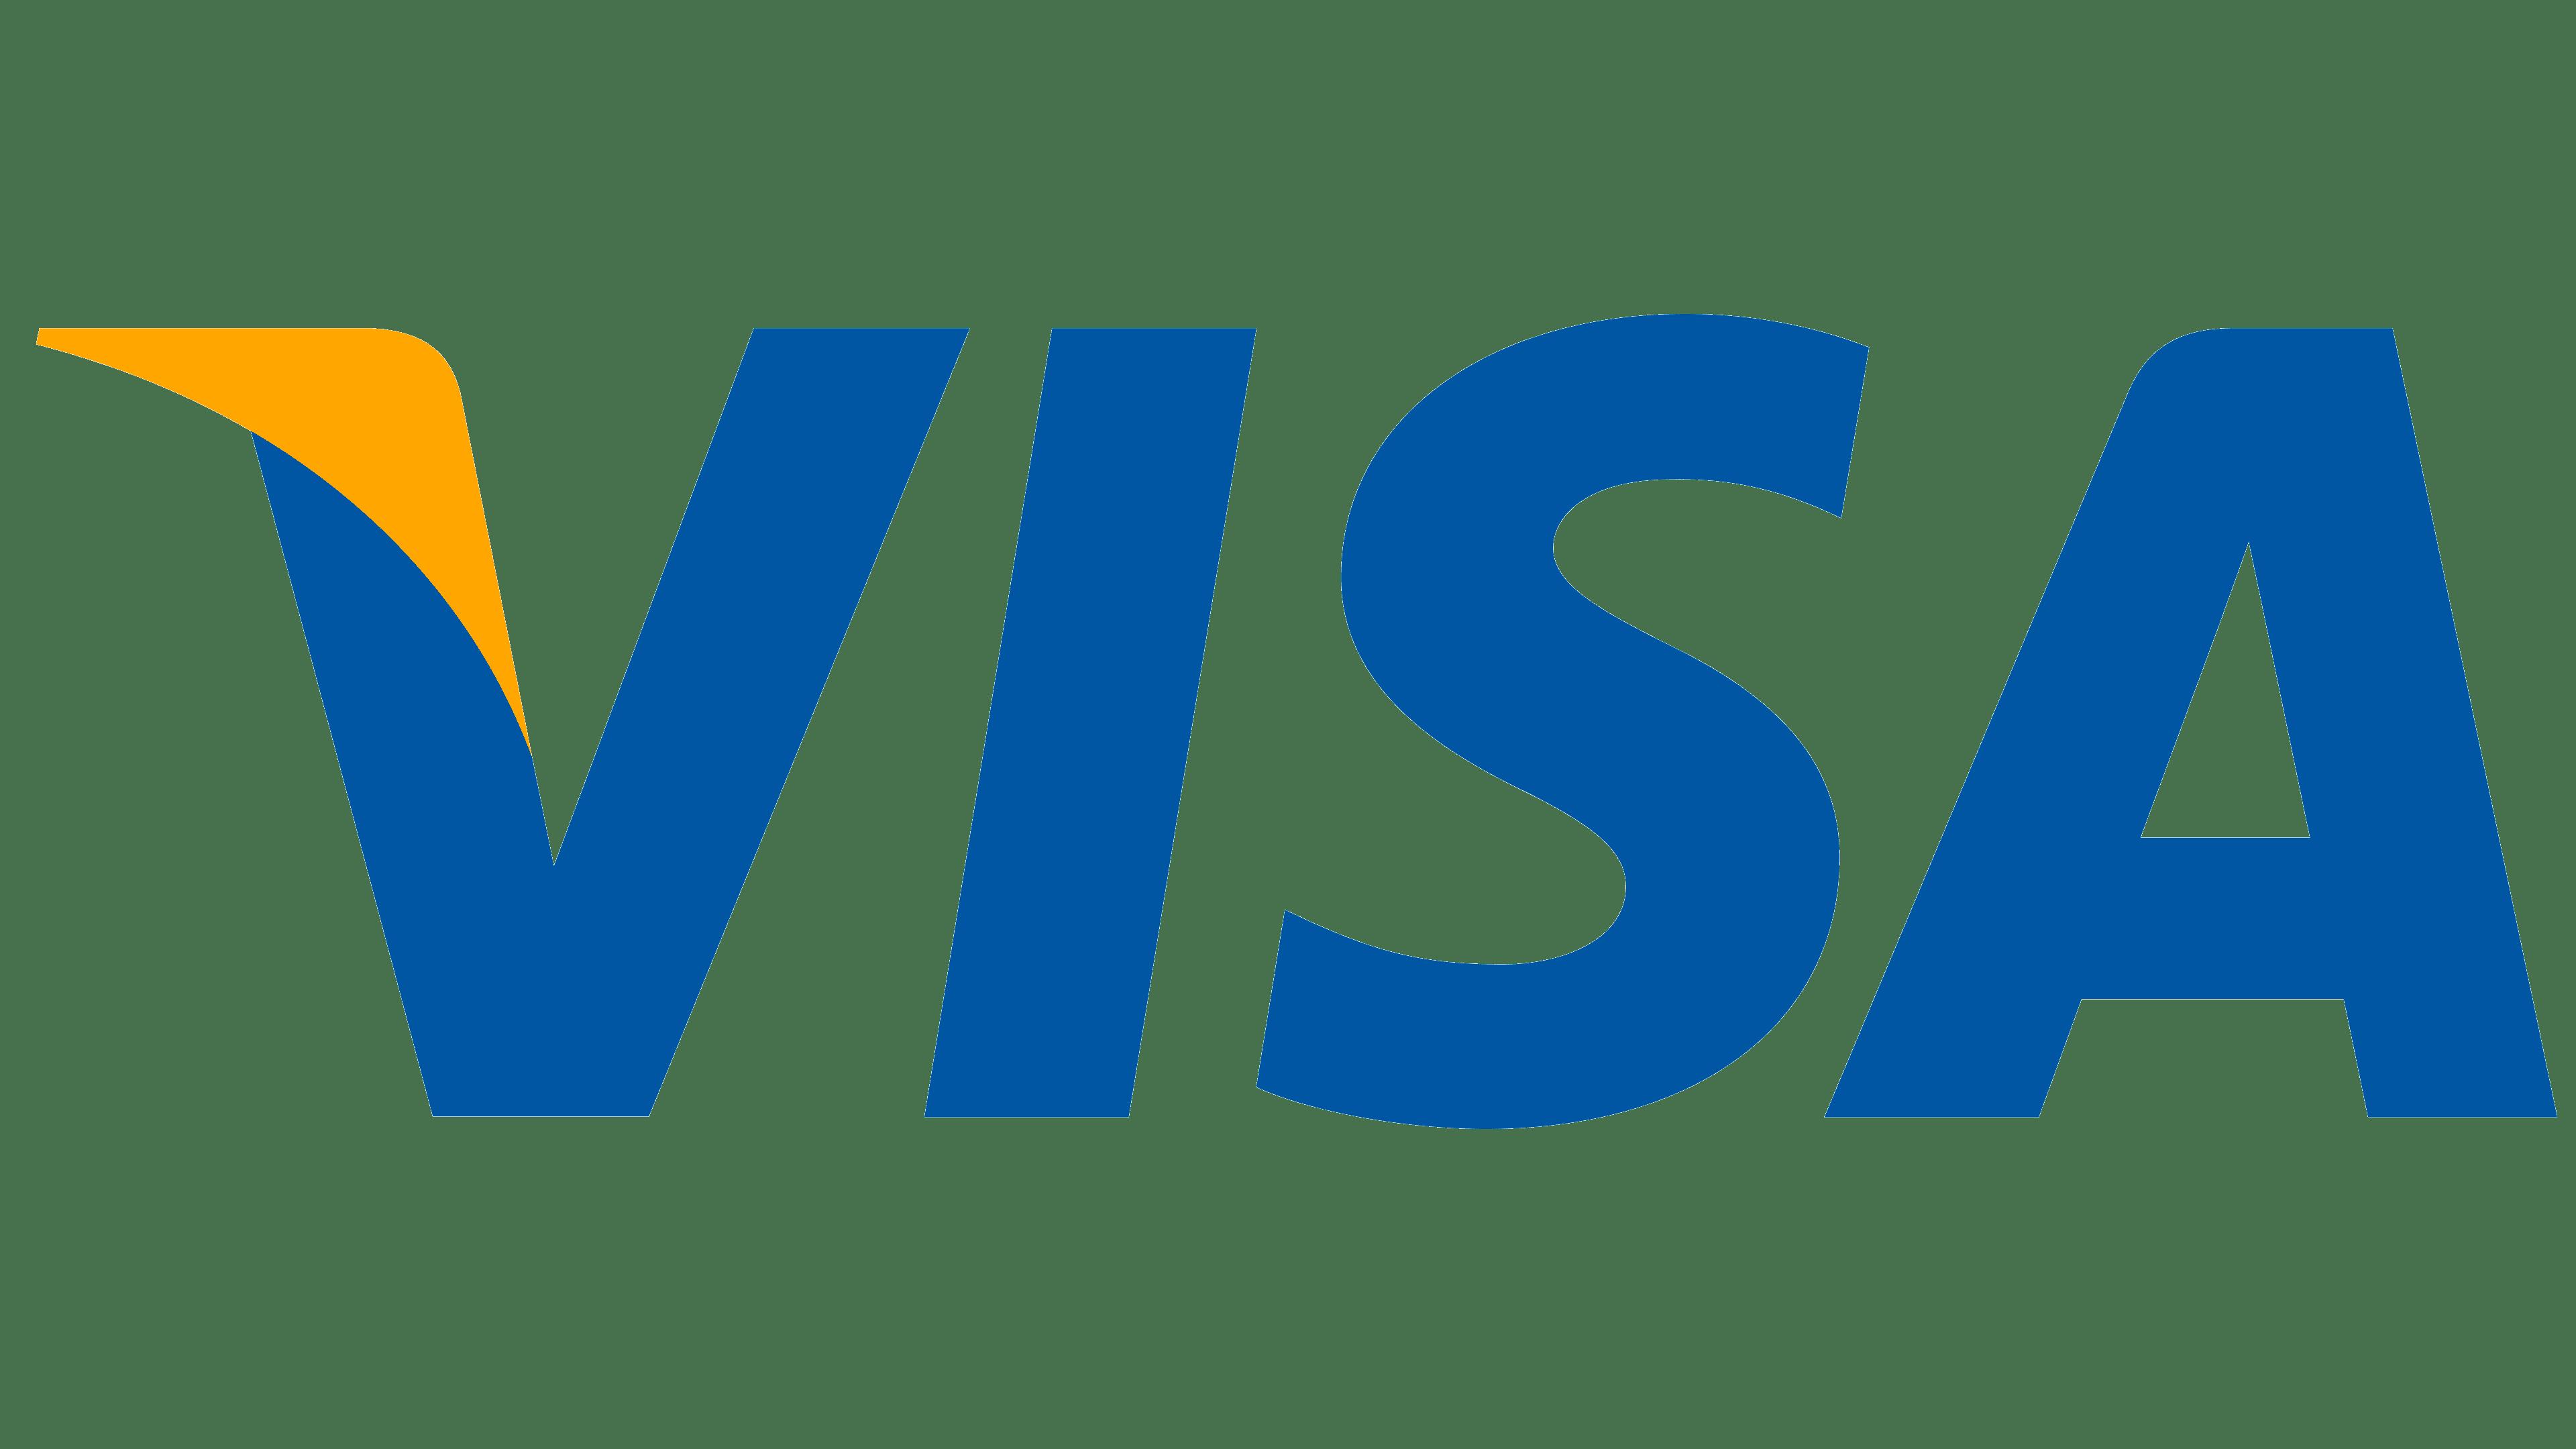 Visa Logotype